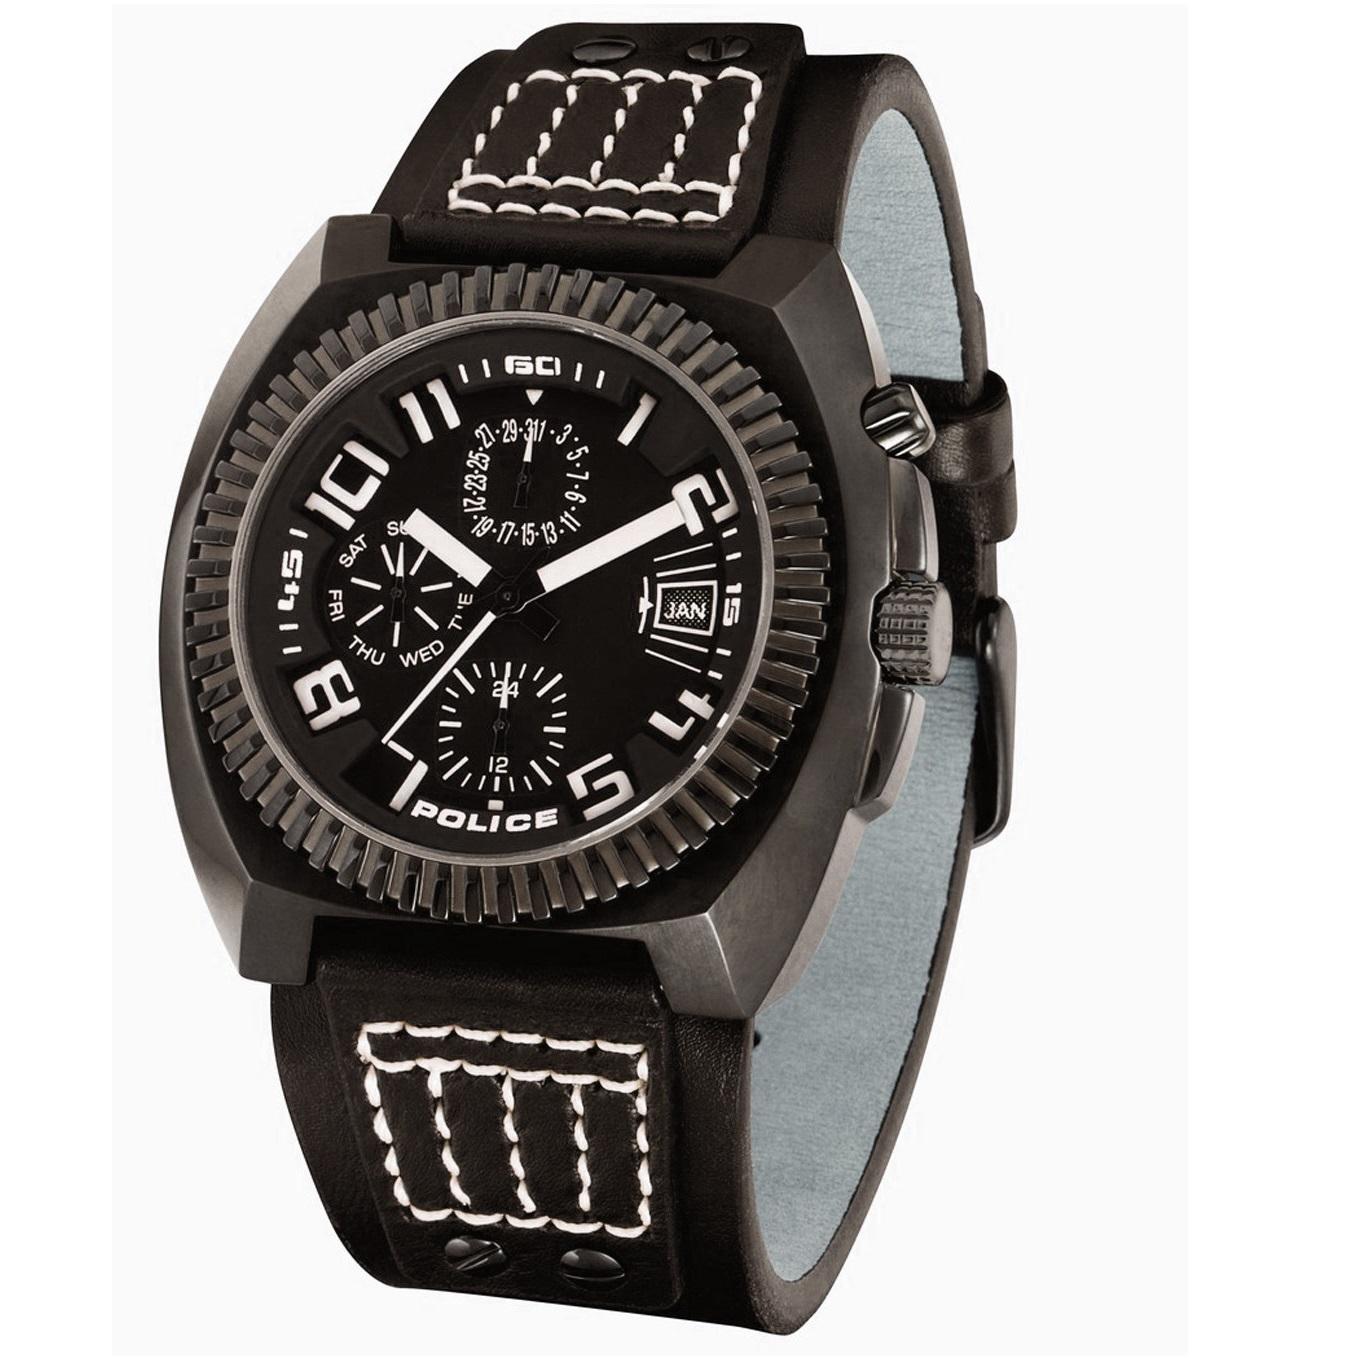 ساعت مچی عقربه ای مردانه پلیس مدل PL12083JB/02 19